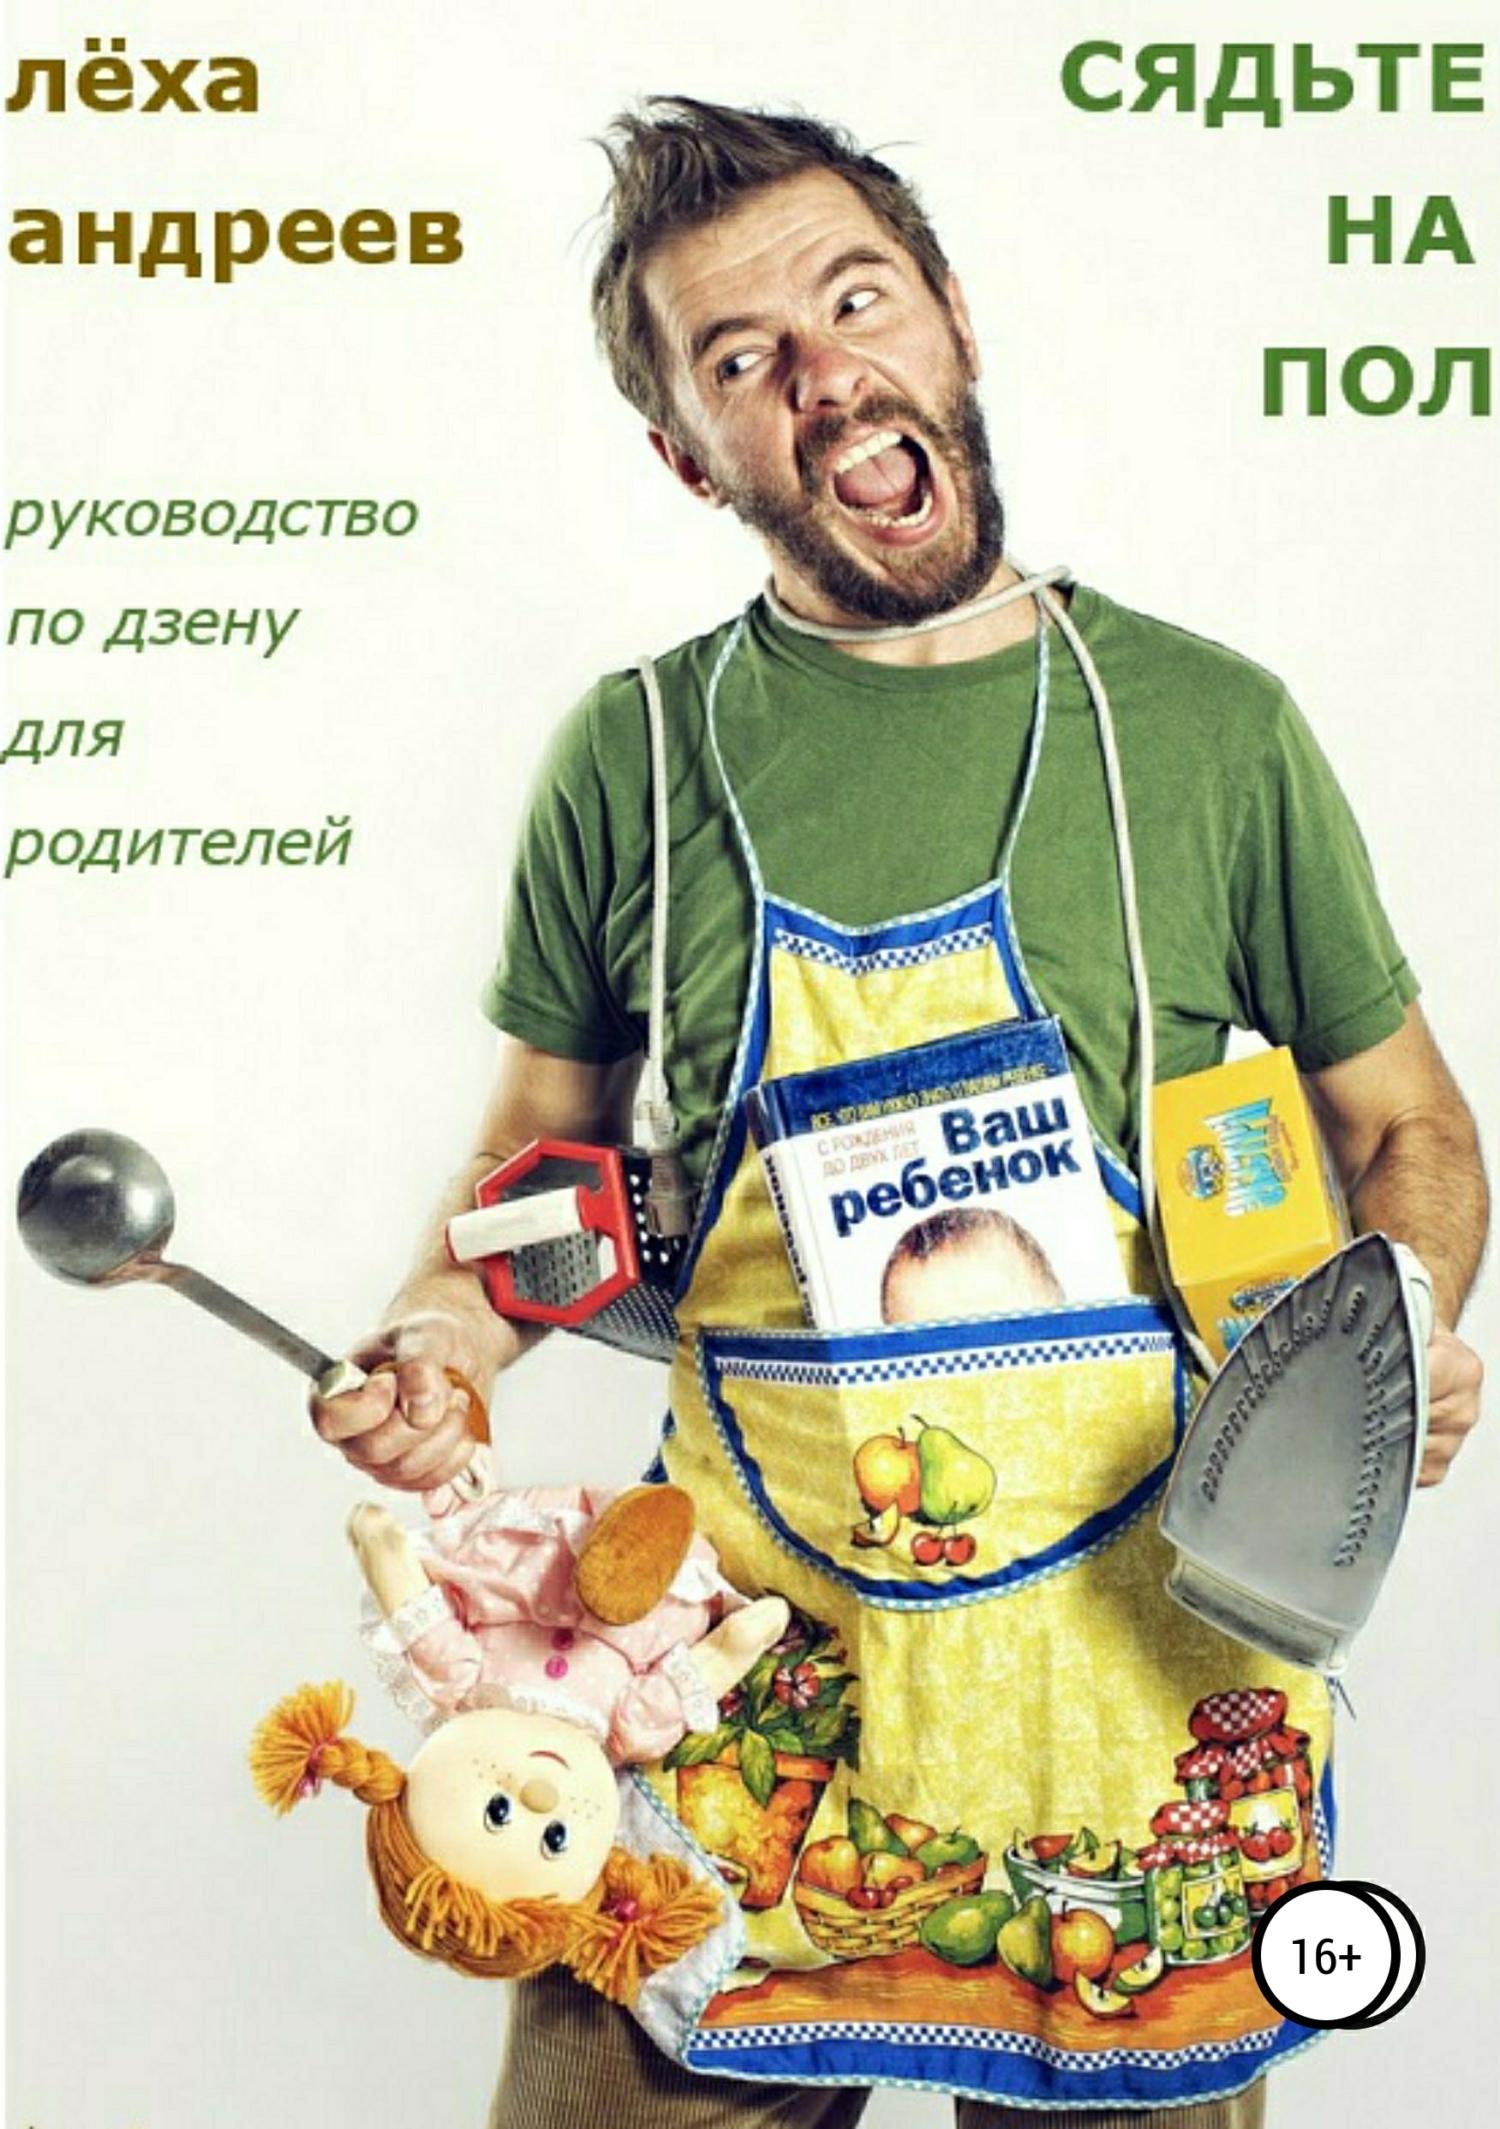 Лёха Андреев Сядьте на пол. Руководство по дзену для родителей